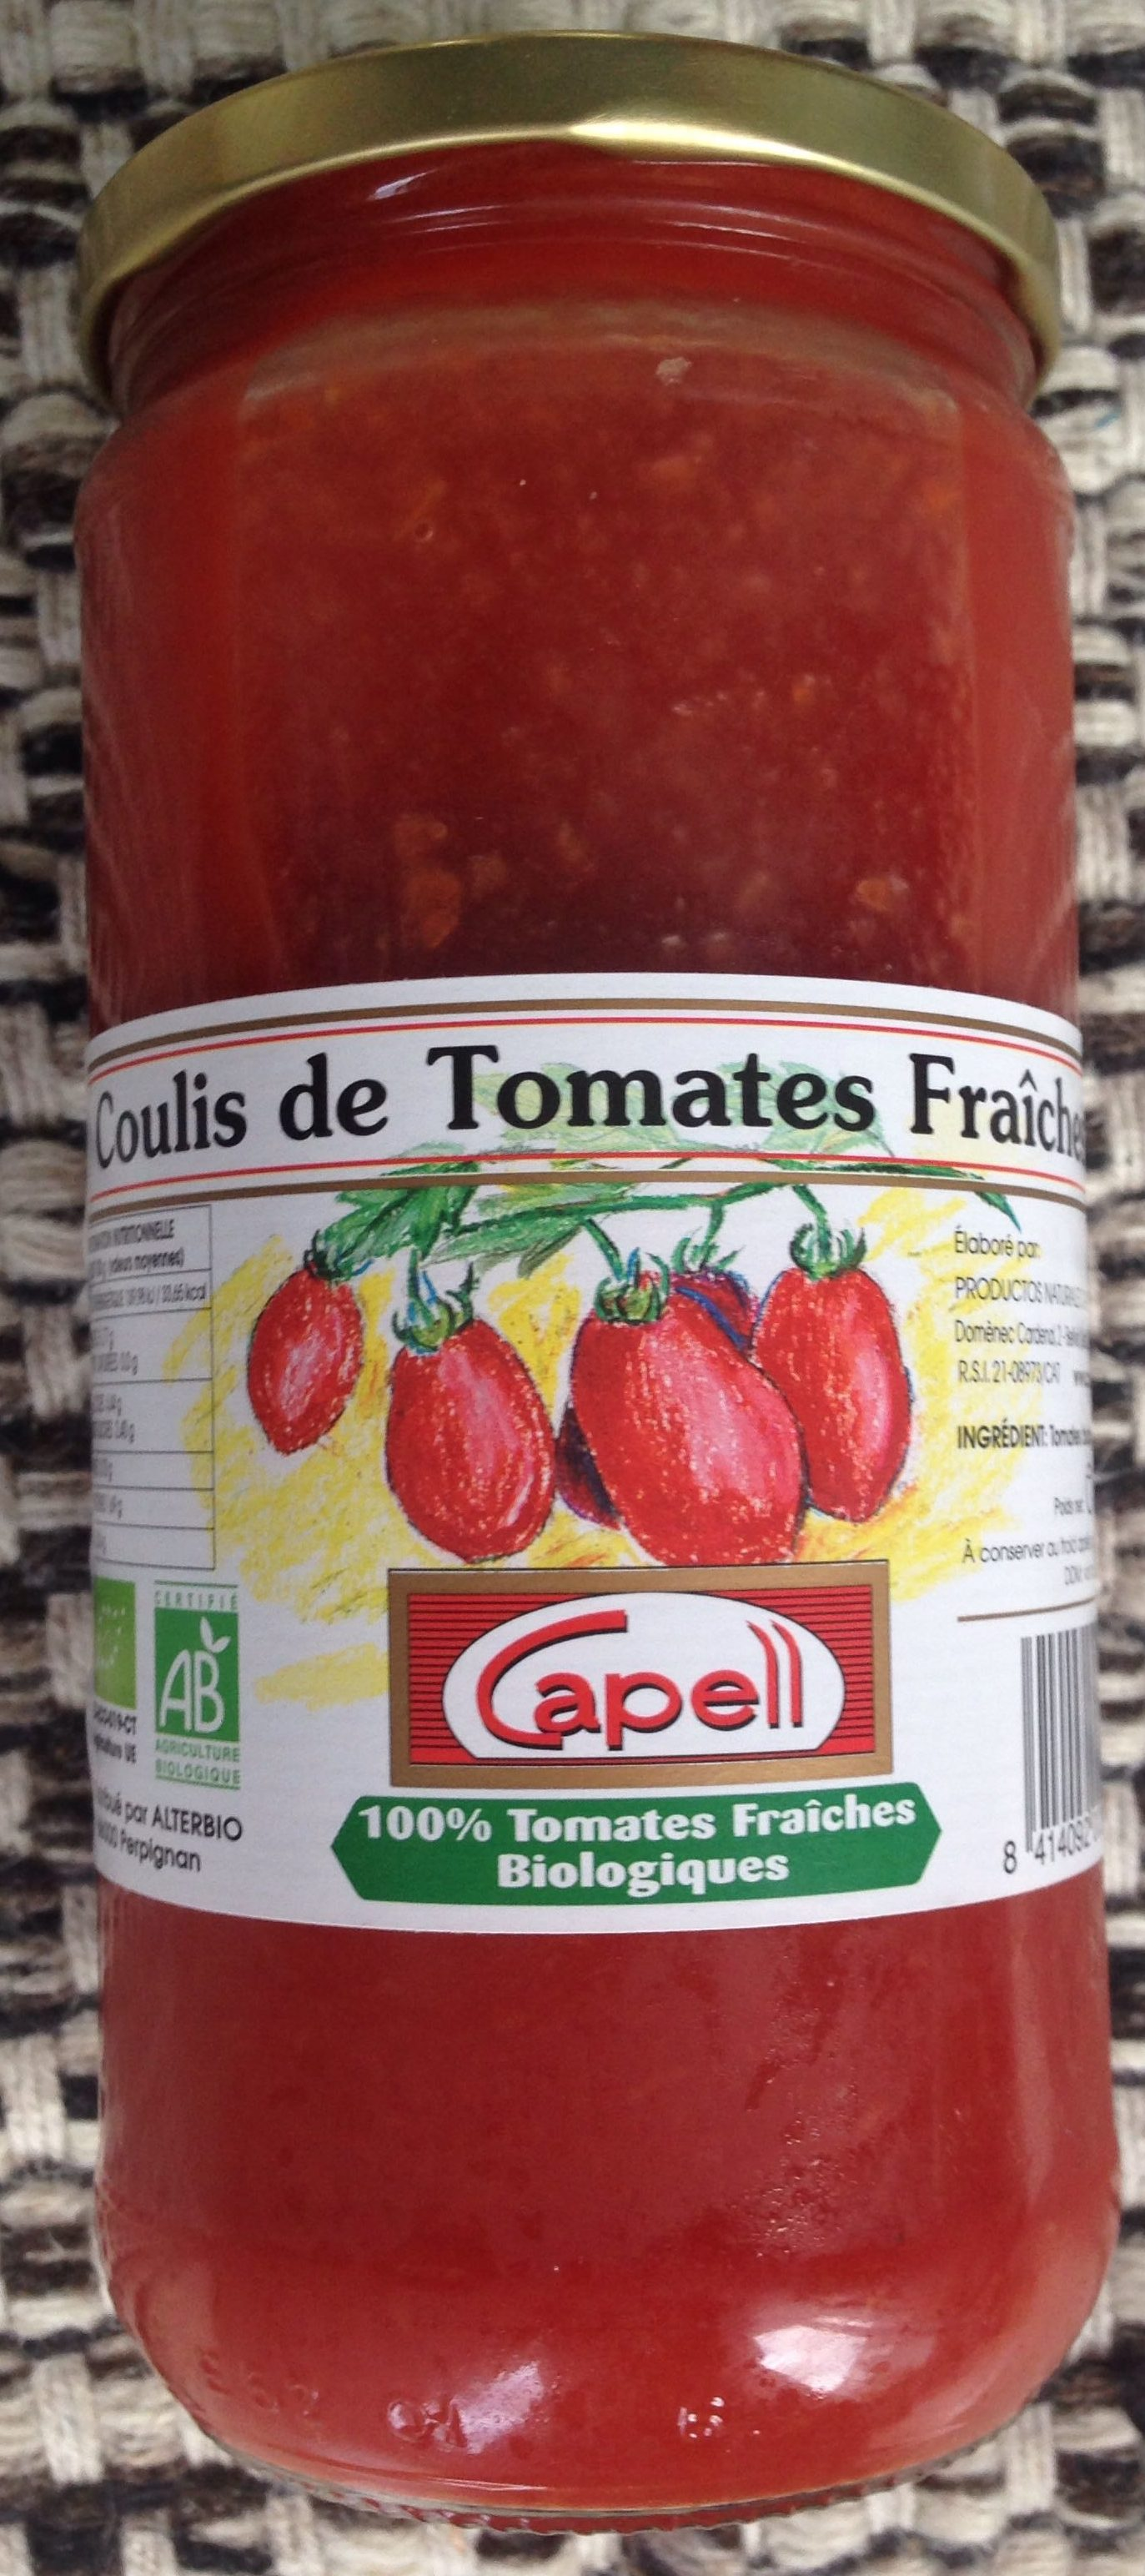 Coulis de Tomates Fraîches - Product